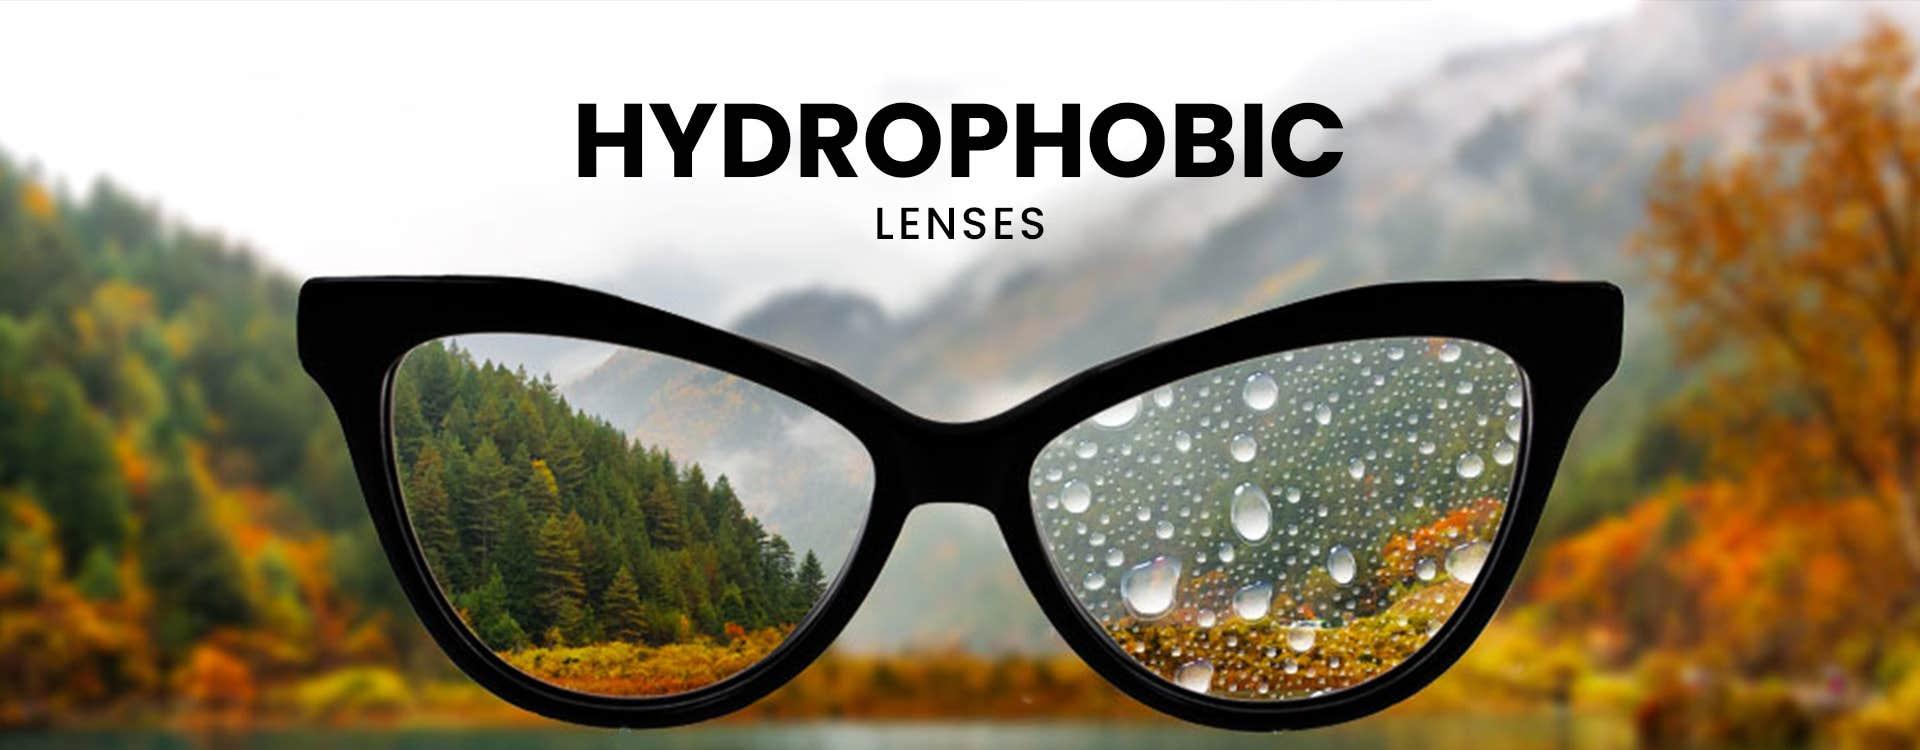 Hydrophobic Glasses